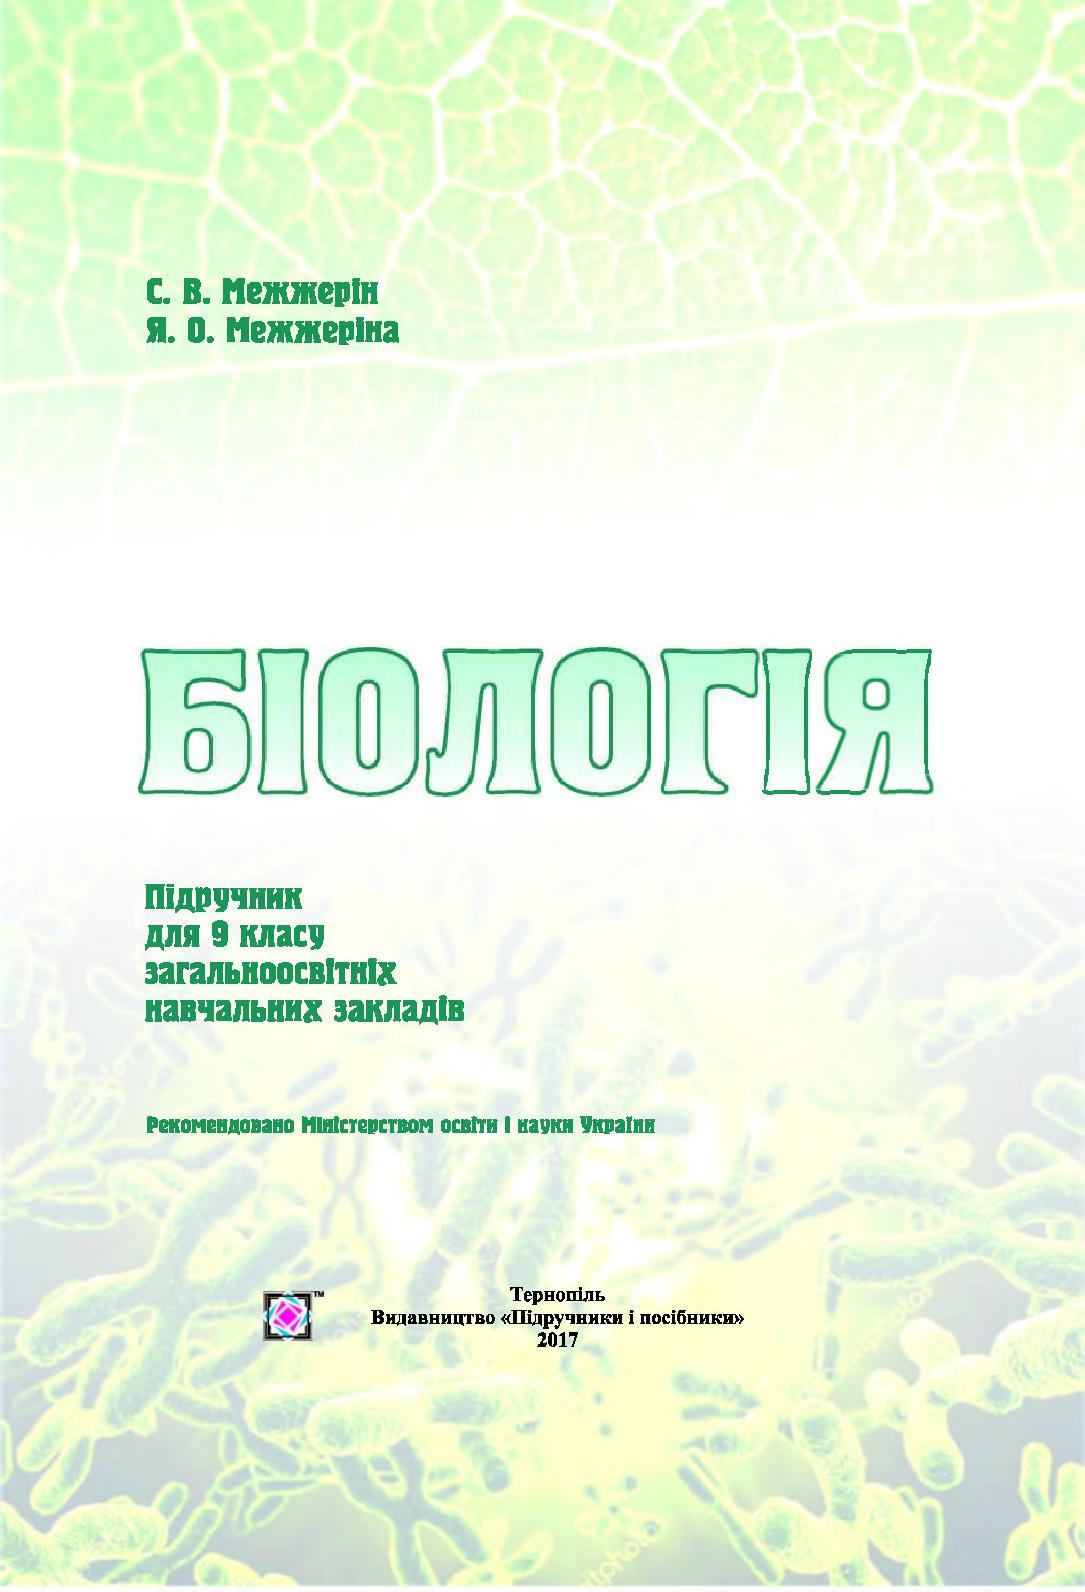 Calaméo - 9 Klas Biologija Mezhzherin 2017 aaf8d554d0368